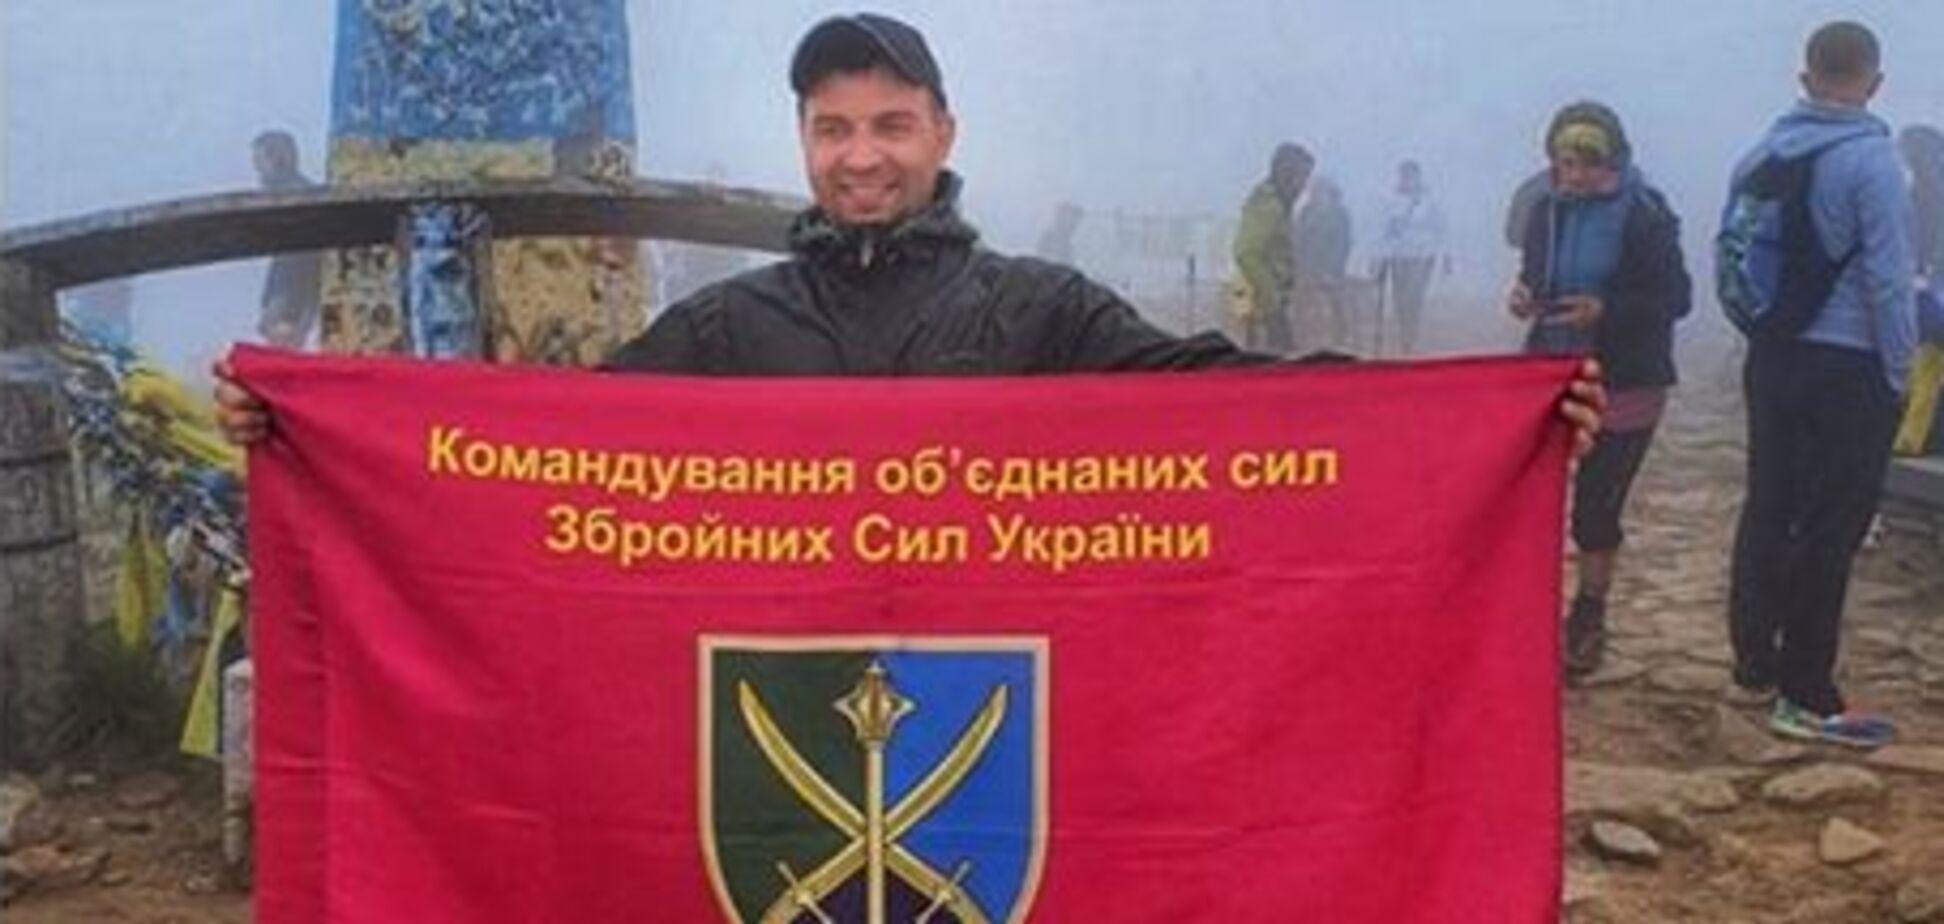 Волонтер Руслан Костюченко с флагом защитников в Карпатах (источник: Facebook Анатолия Штефана)